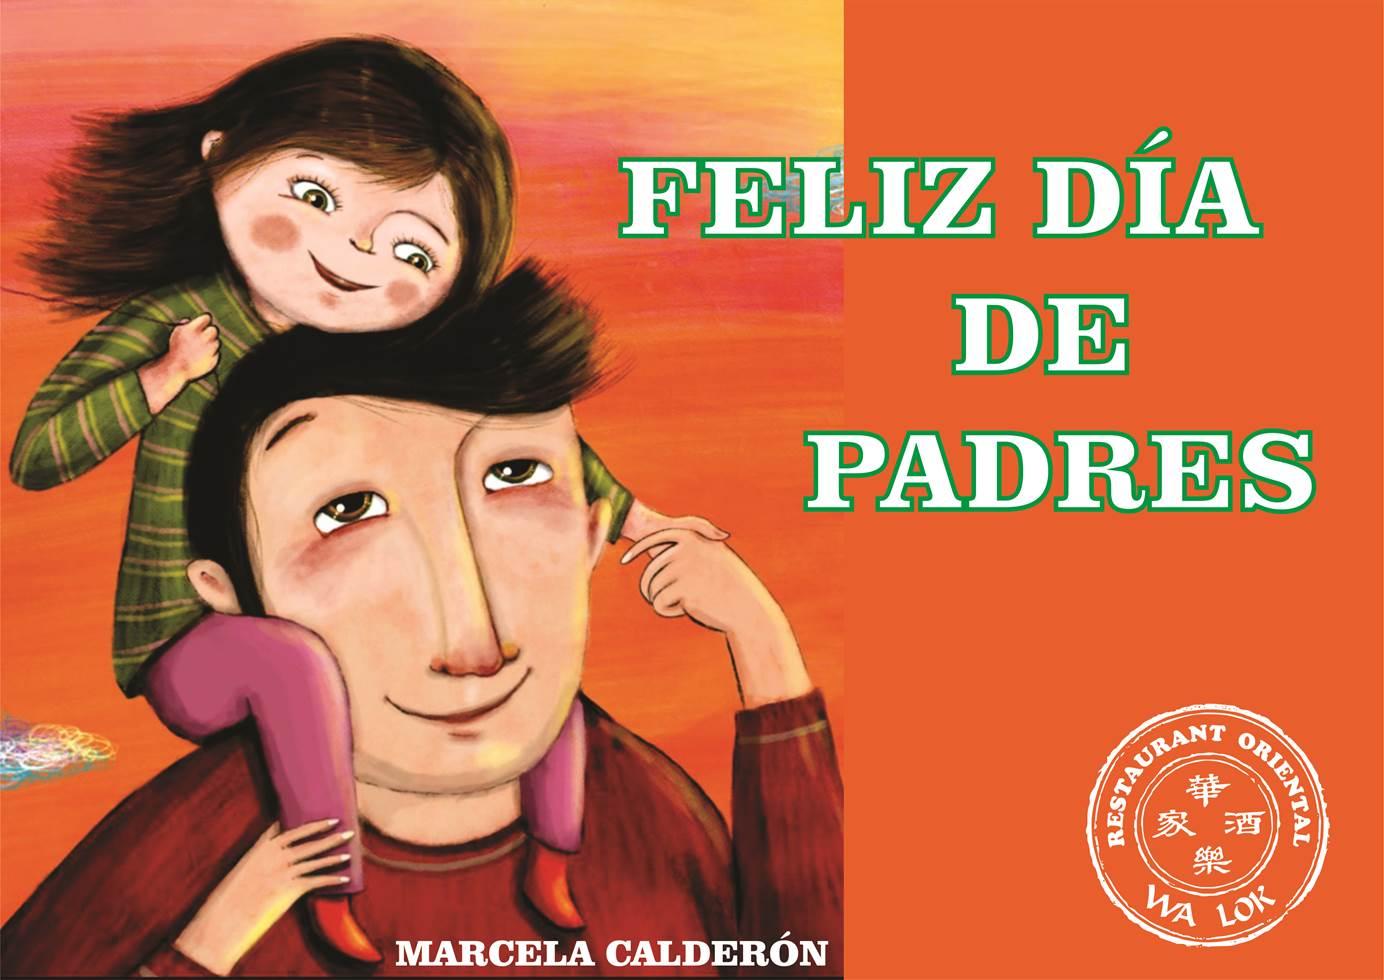 Fondo Dia Del Padre: Fondos Dia Del Padre: Unique Wallpaper: 16 Postales Para